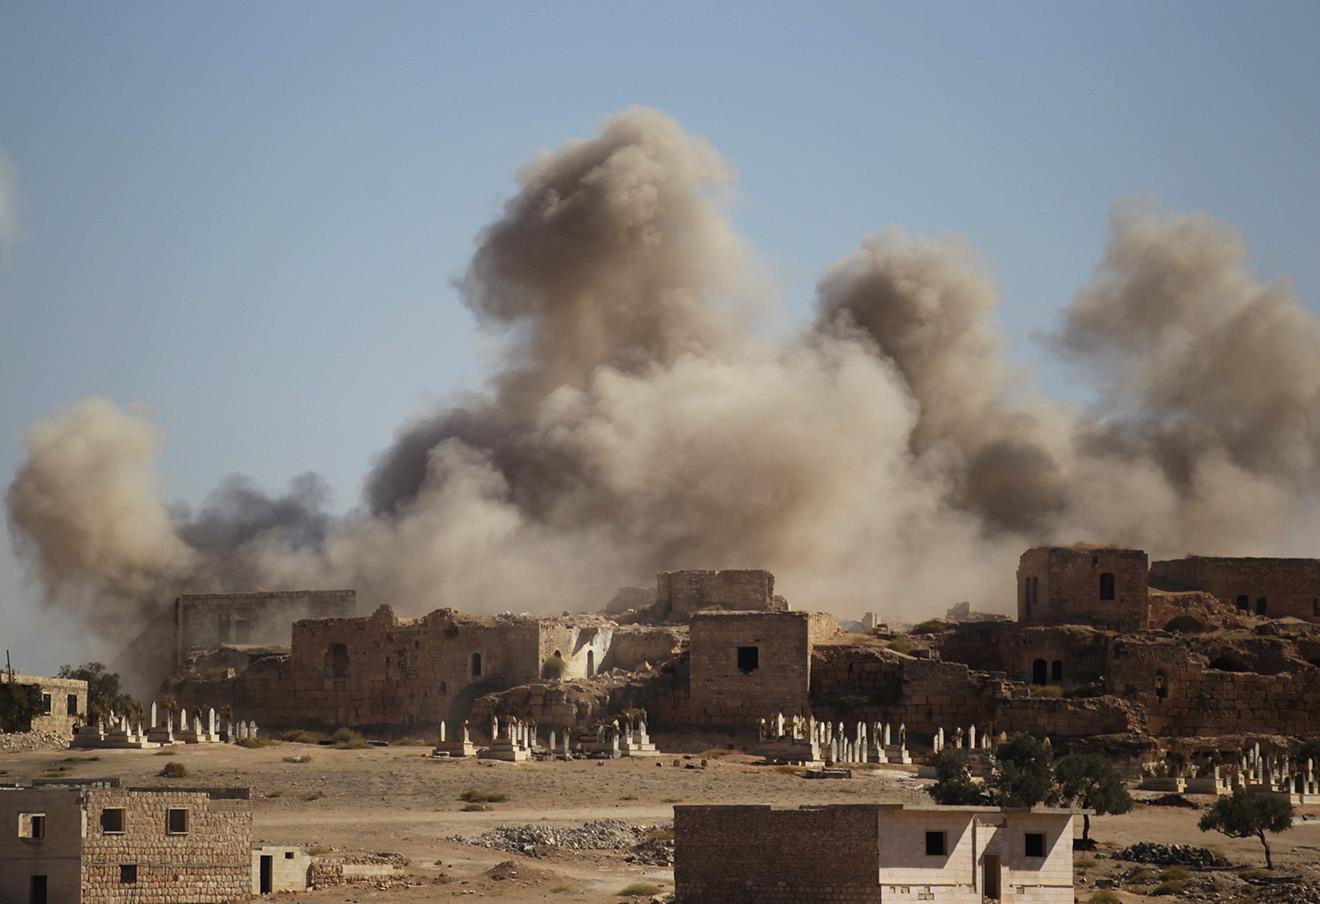 Последствия авиа-удара по городу Мааррет-эль-Нууман, контролируемым повстанцами, Сирия, 25 сентября 2016 год. Фото: Abdalrhman Ismail / Reuters